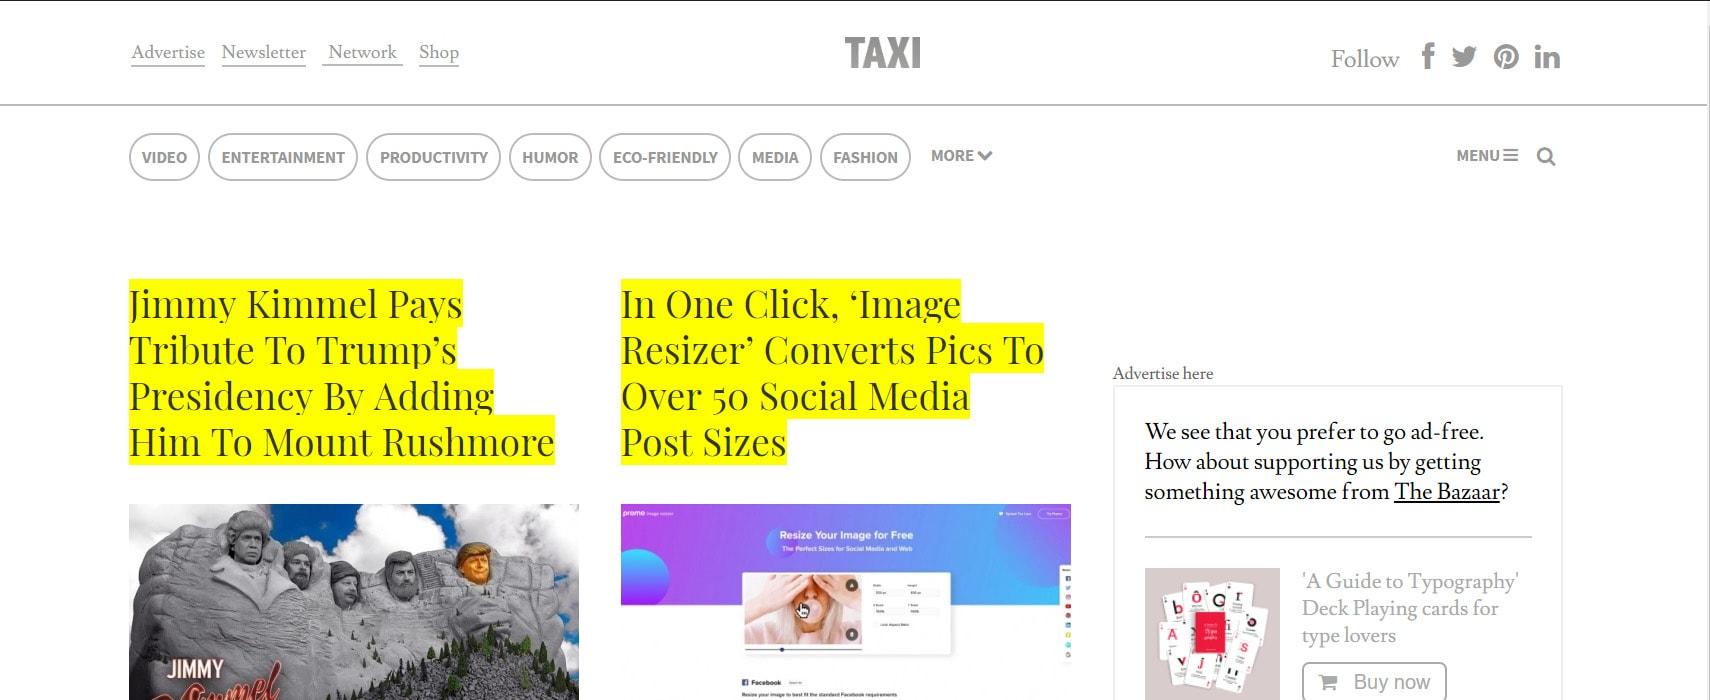 Taxi Design Blog